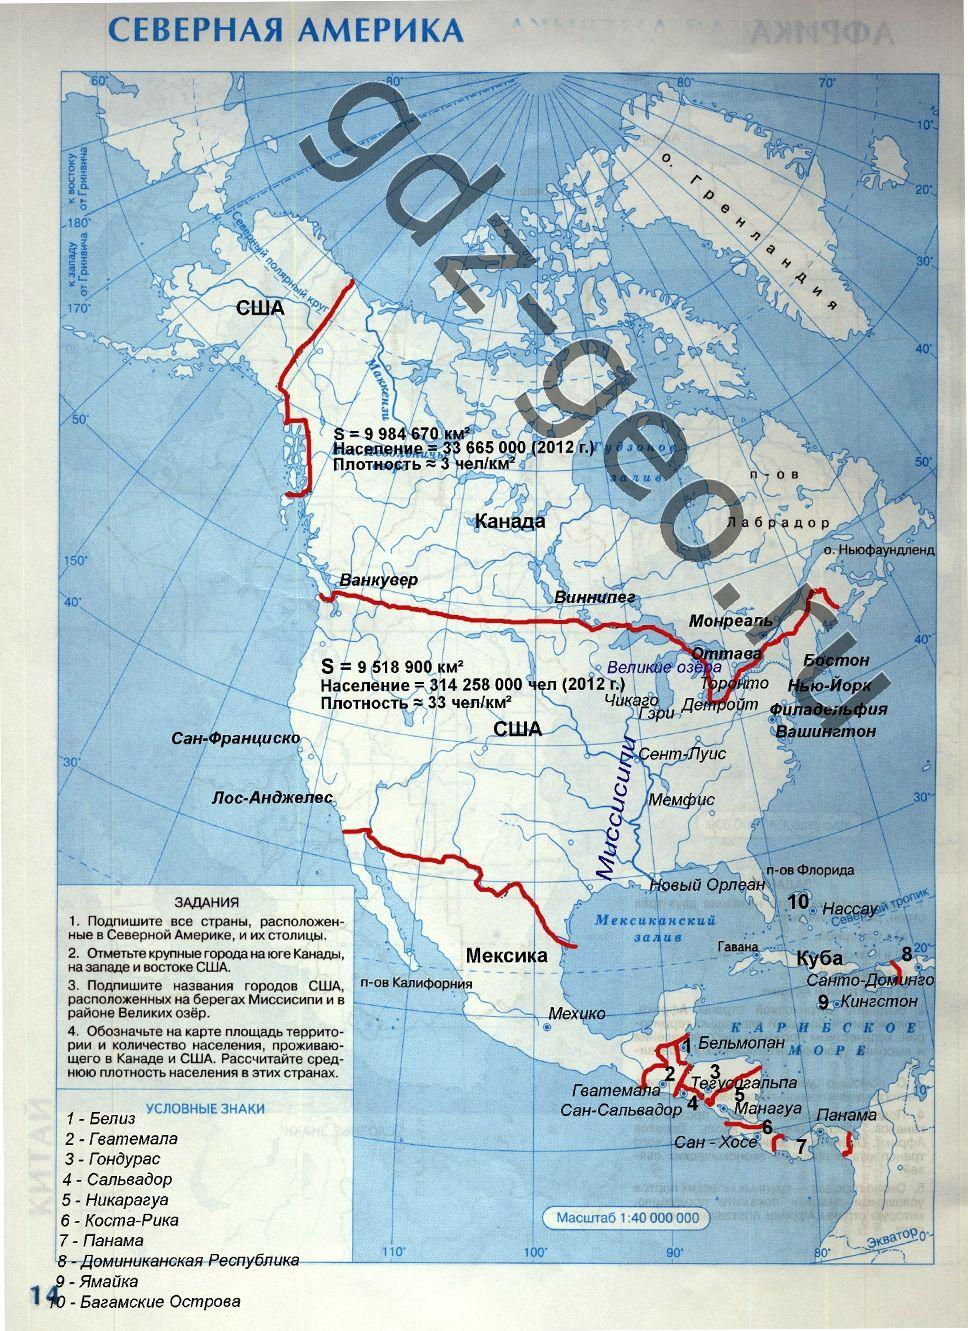 Сделанные домашние задания по контурным картам по географии 10 класс